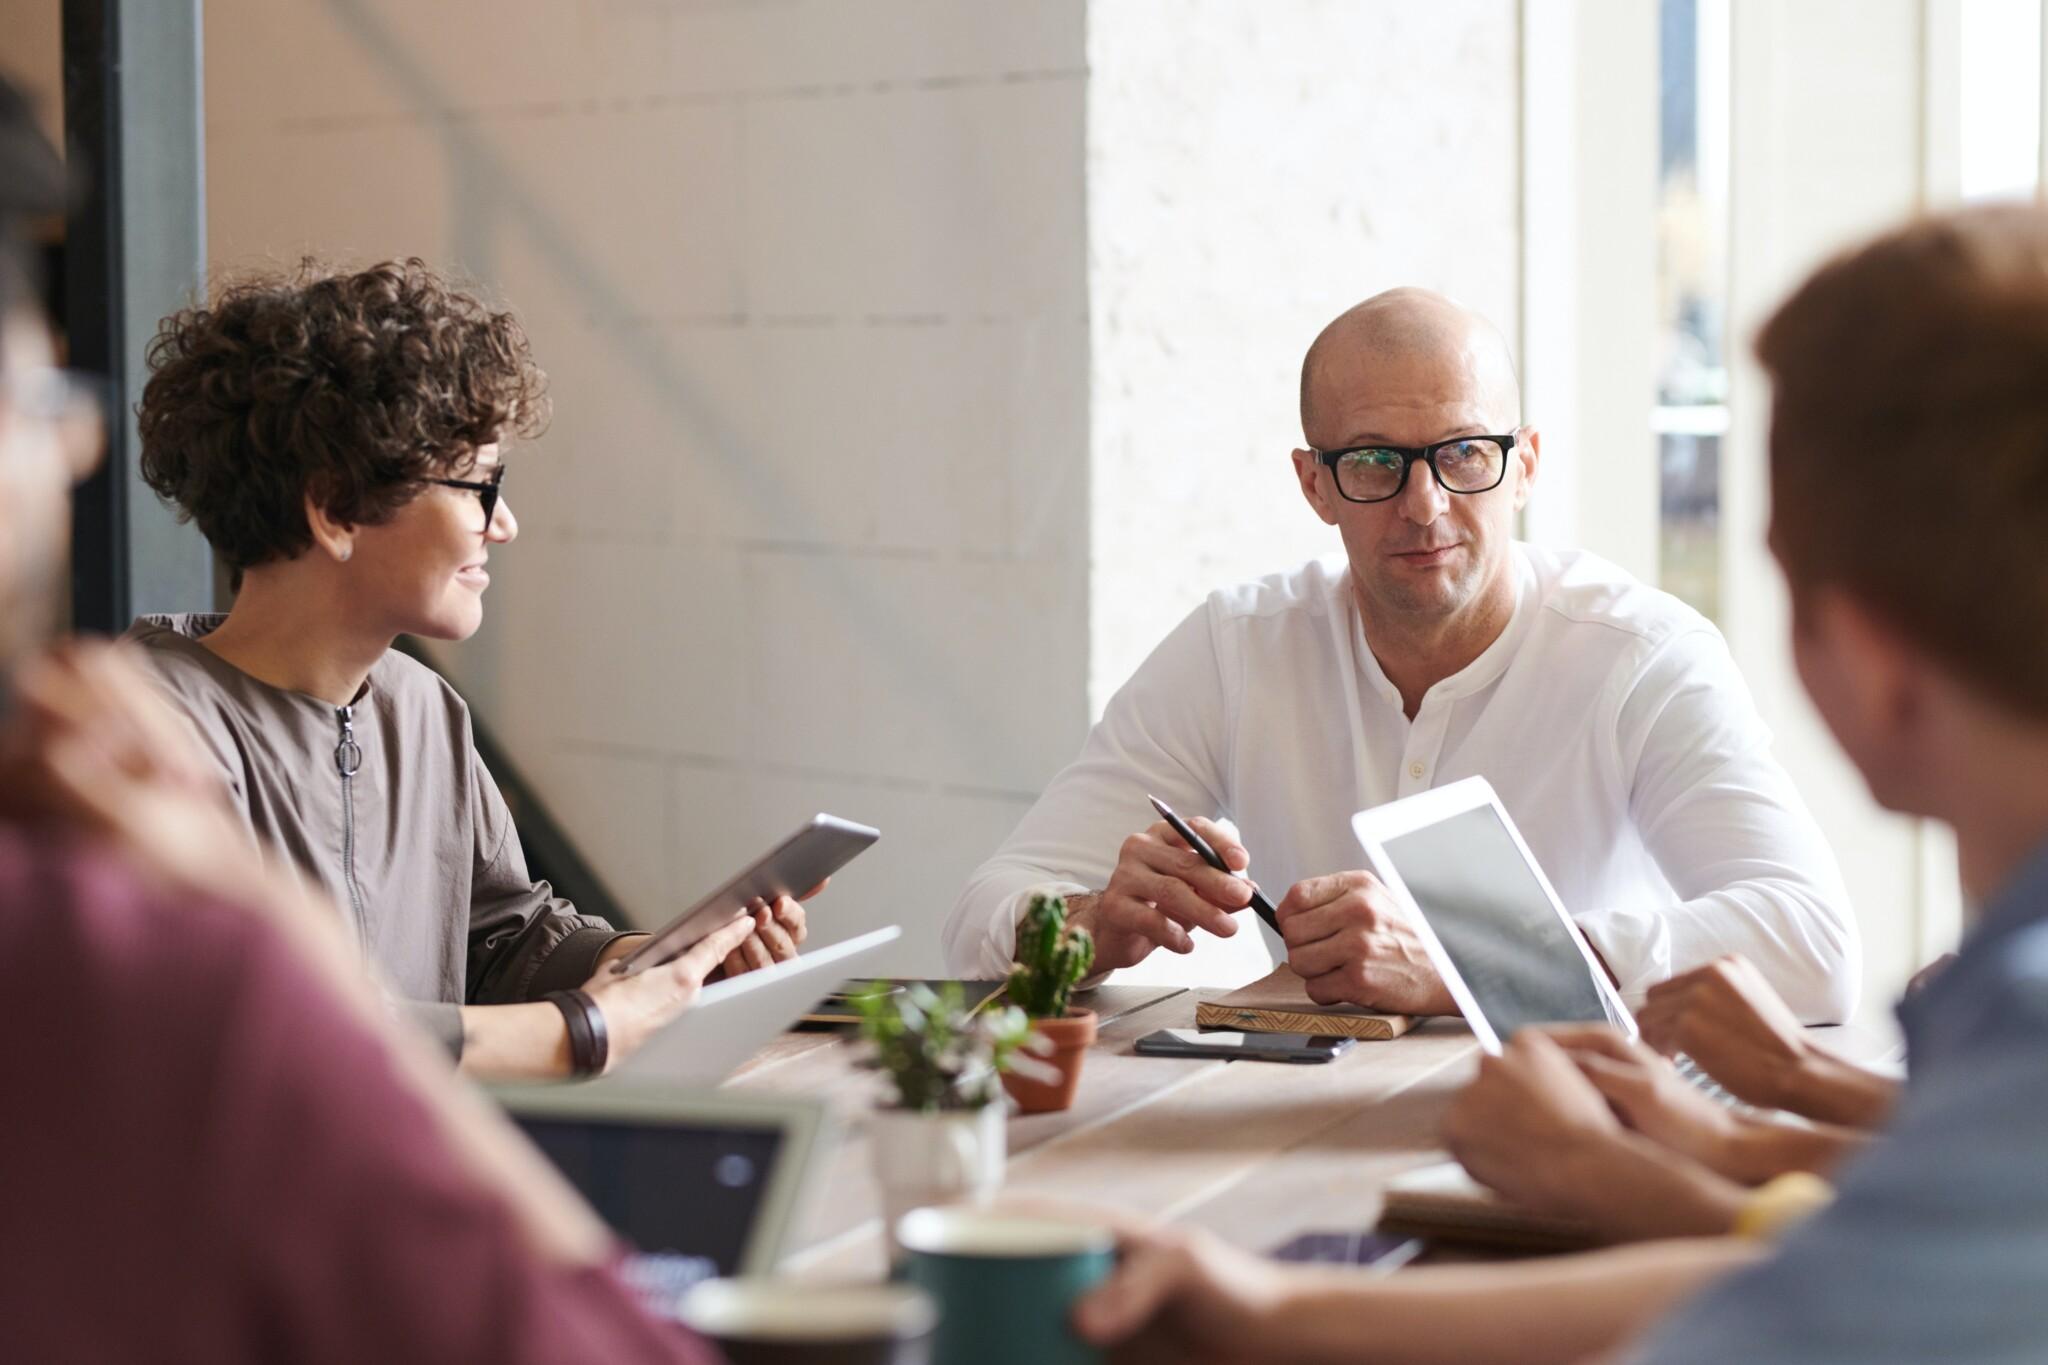 Wie Ihr Zuhören Ihre Gespräche beeinflusst